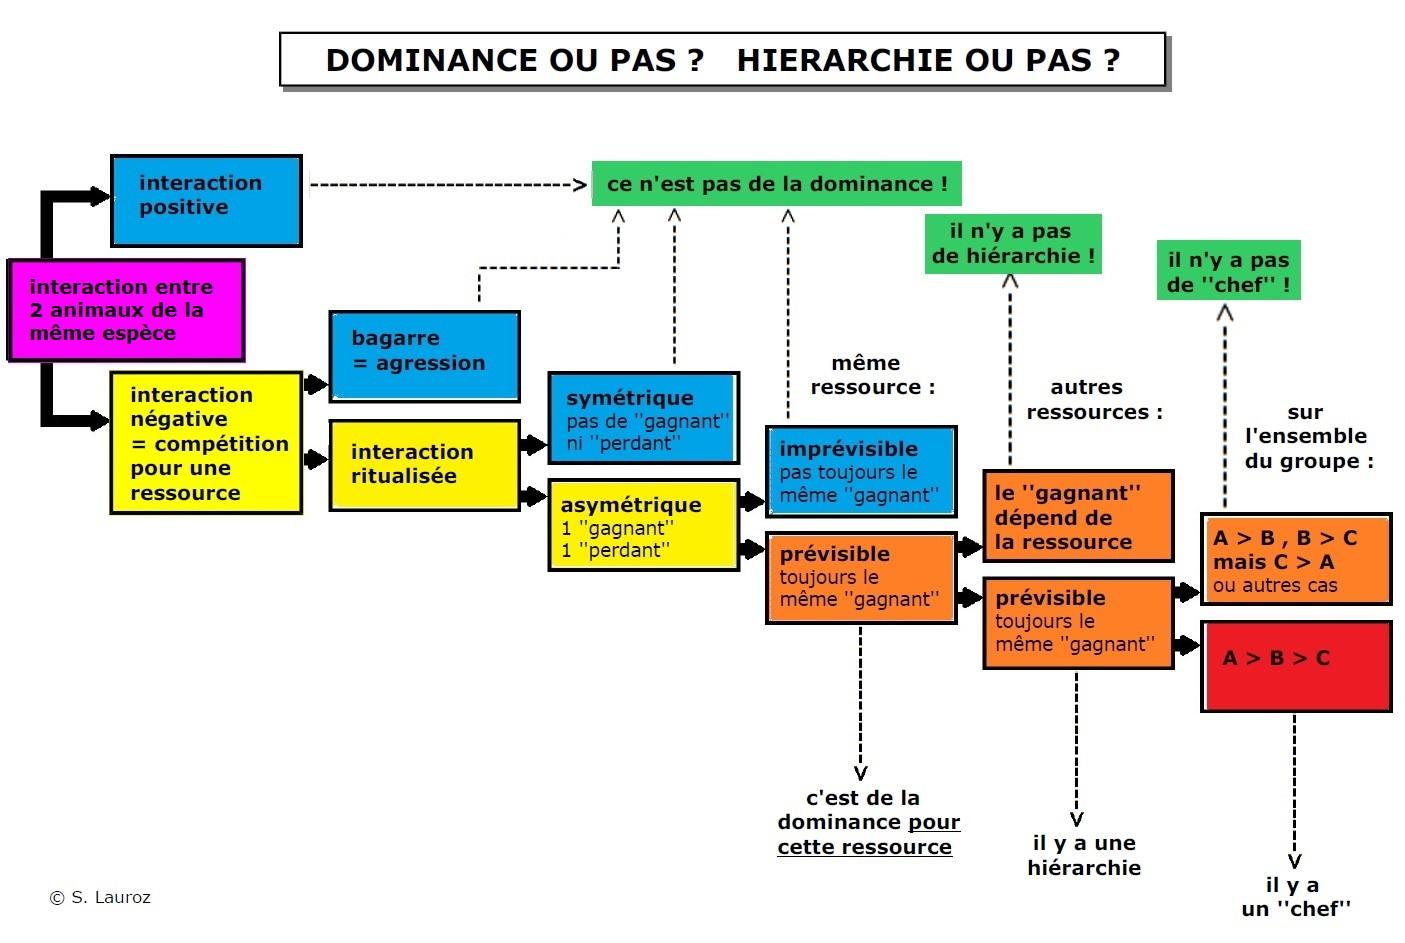 Dominance, hiérarchie: mythe ou réalité - les sources - Page 9 Flowch10